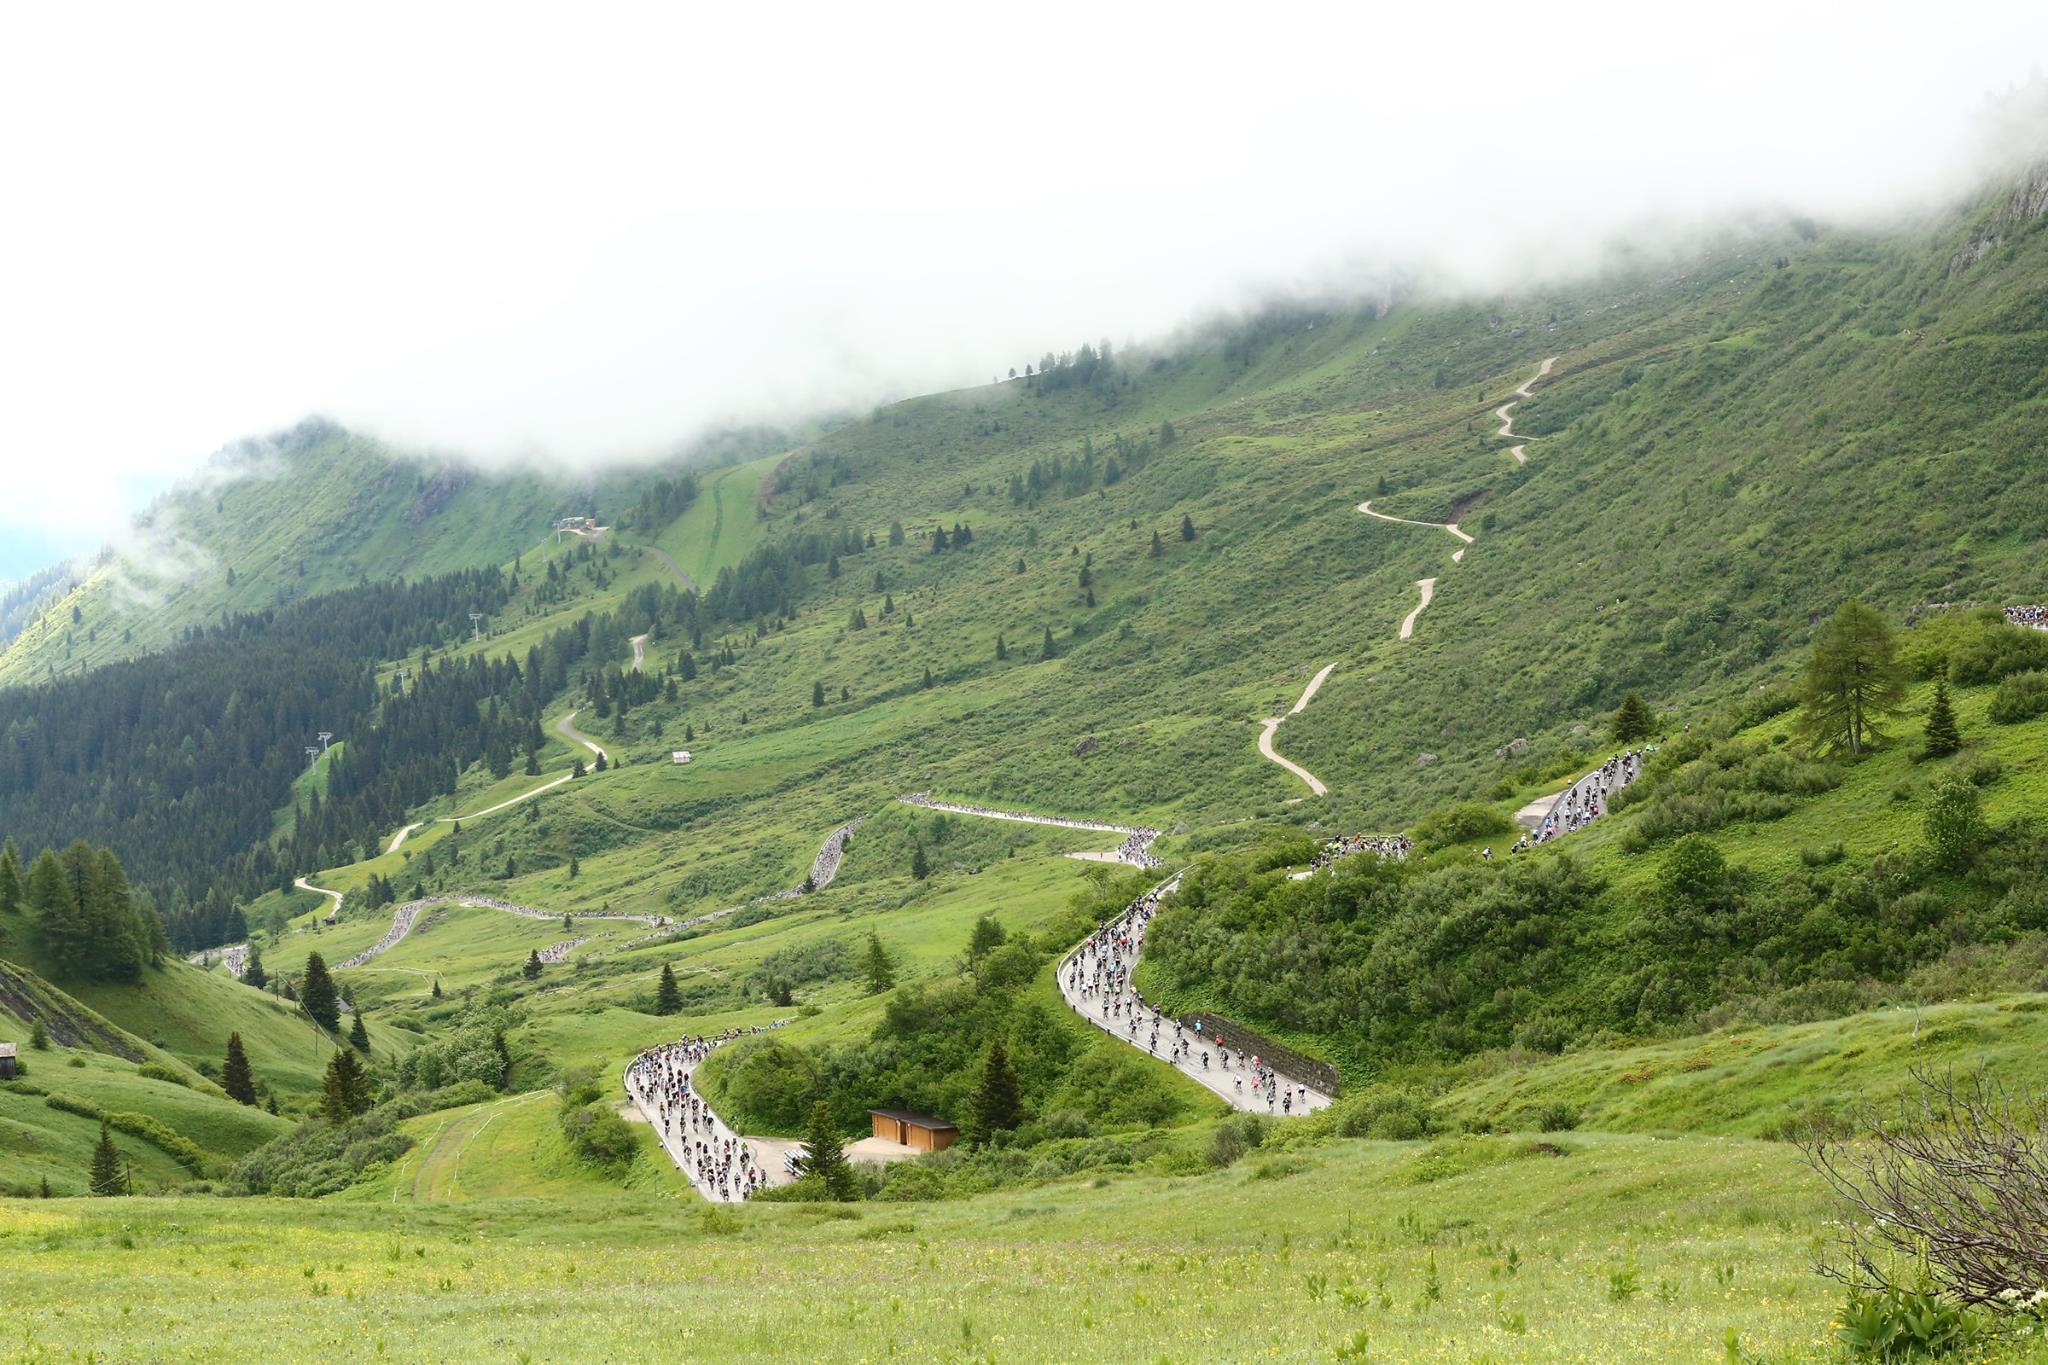 Maratona dles Dolomites. Photograph: Sportograf.com